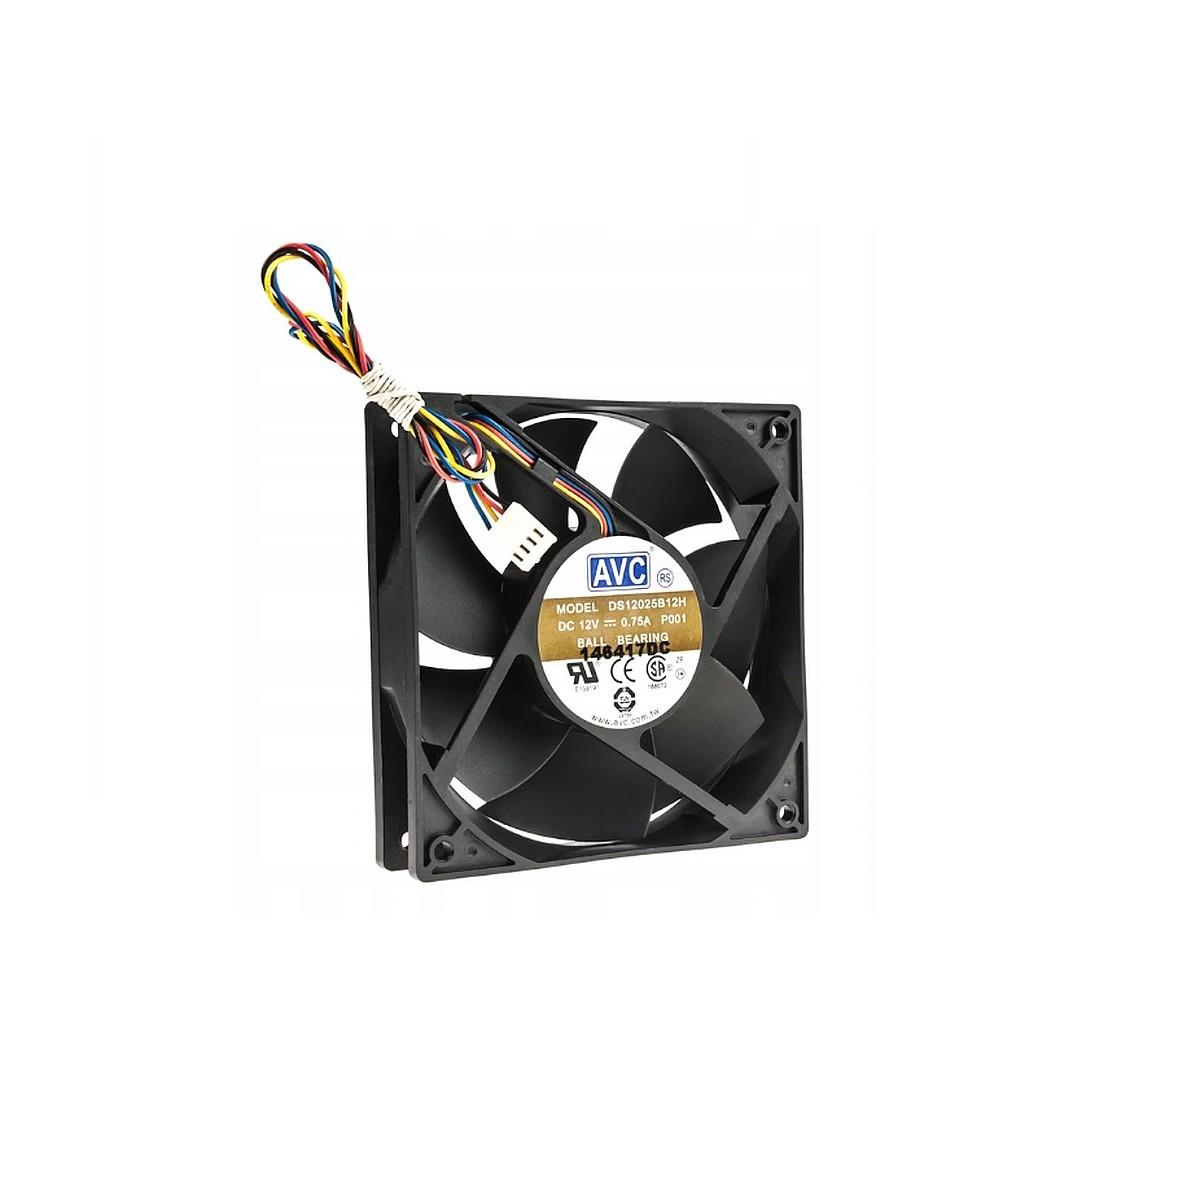 INTEL XEON E5-2670V2 10 CORE 2,5GHZ FCLGA2011